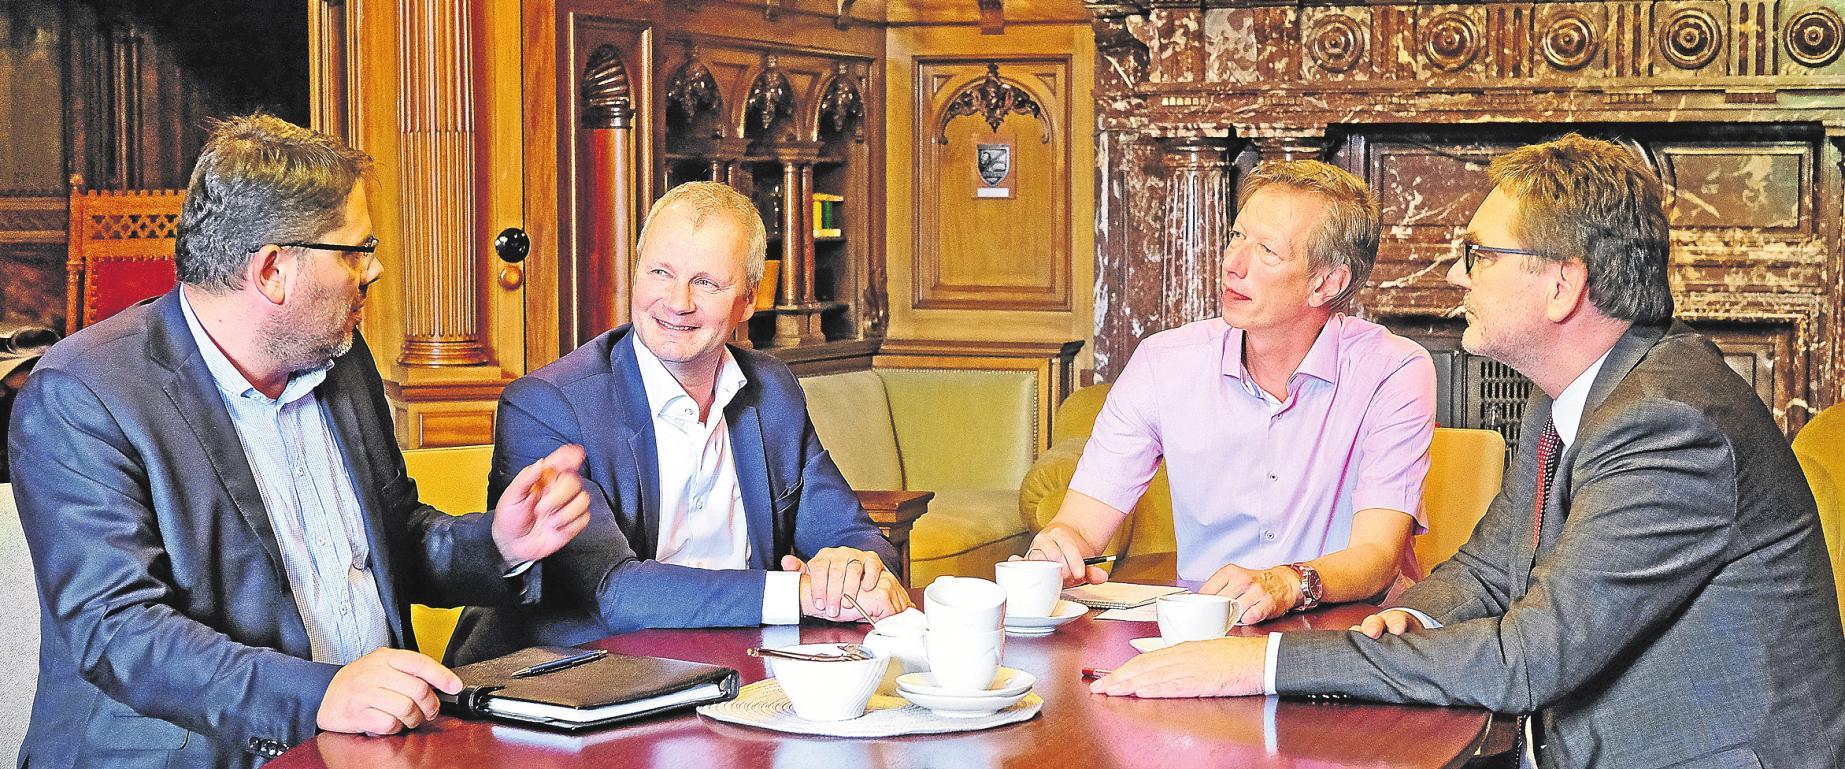 Im Bürgermeisterzimmer des Rathauses Gero Tuttlewski und Thomas Buhck vom WSB diskutieren unter Moderation von Ulf-Peter Busse (Bergedorfer Zeitung) mit Bezirksamtsleiter Arne Dornquast (v. li.) über Bergedorfs wirtschaftliche Zukunft. FOTO: NEFF